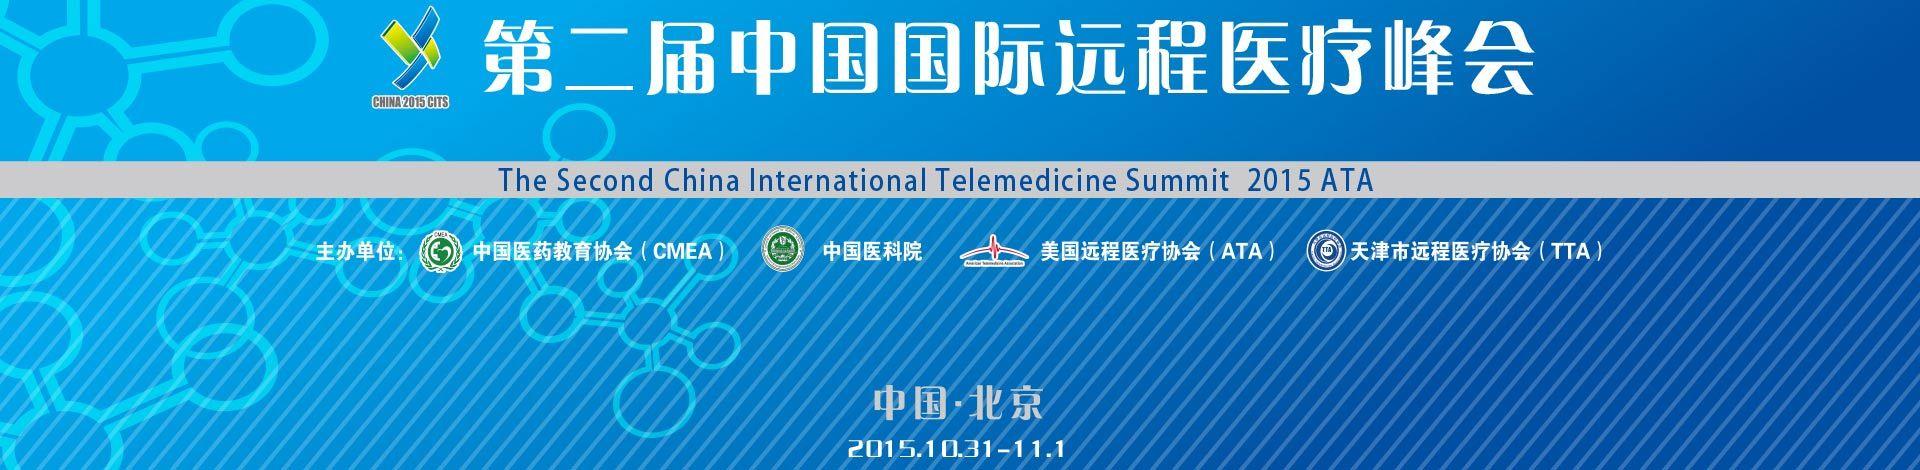 2015第二届中国国际远程医疗峰会